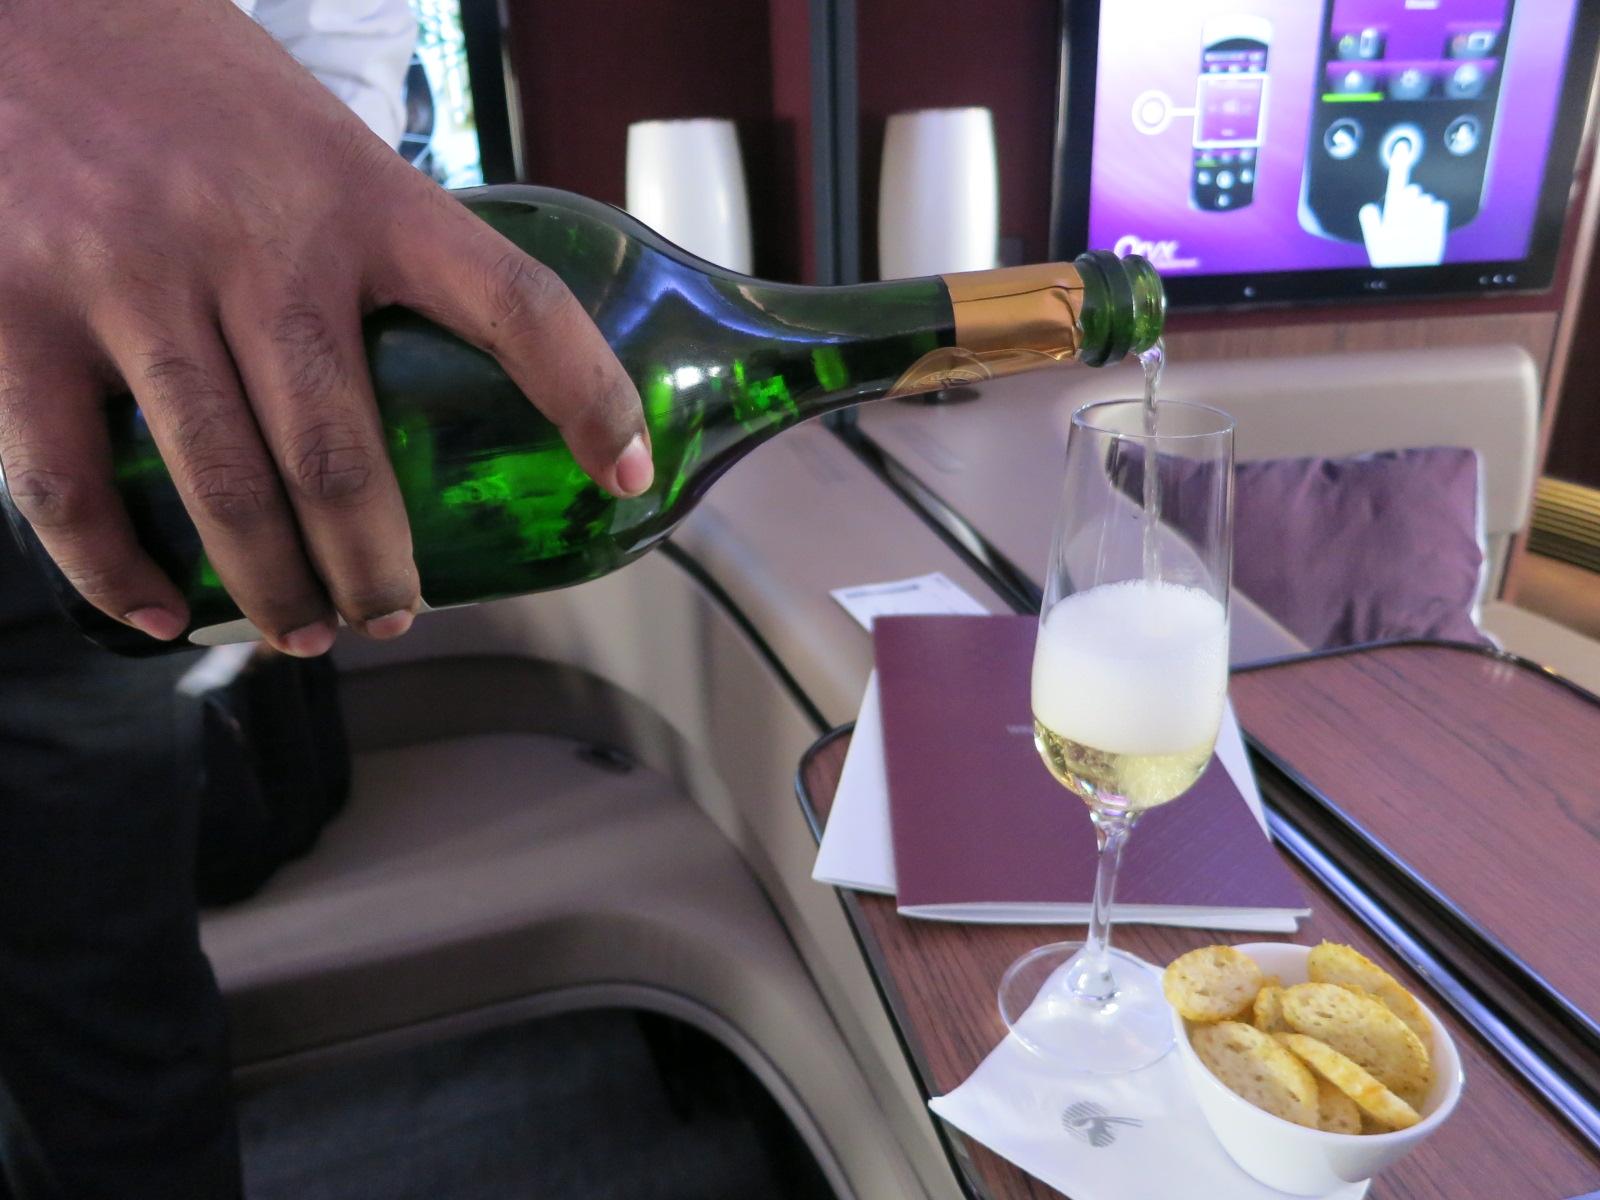 Qatar Airways A380 first class champagne Bangkok-Doha